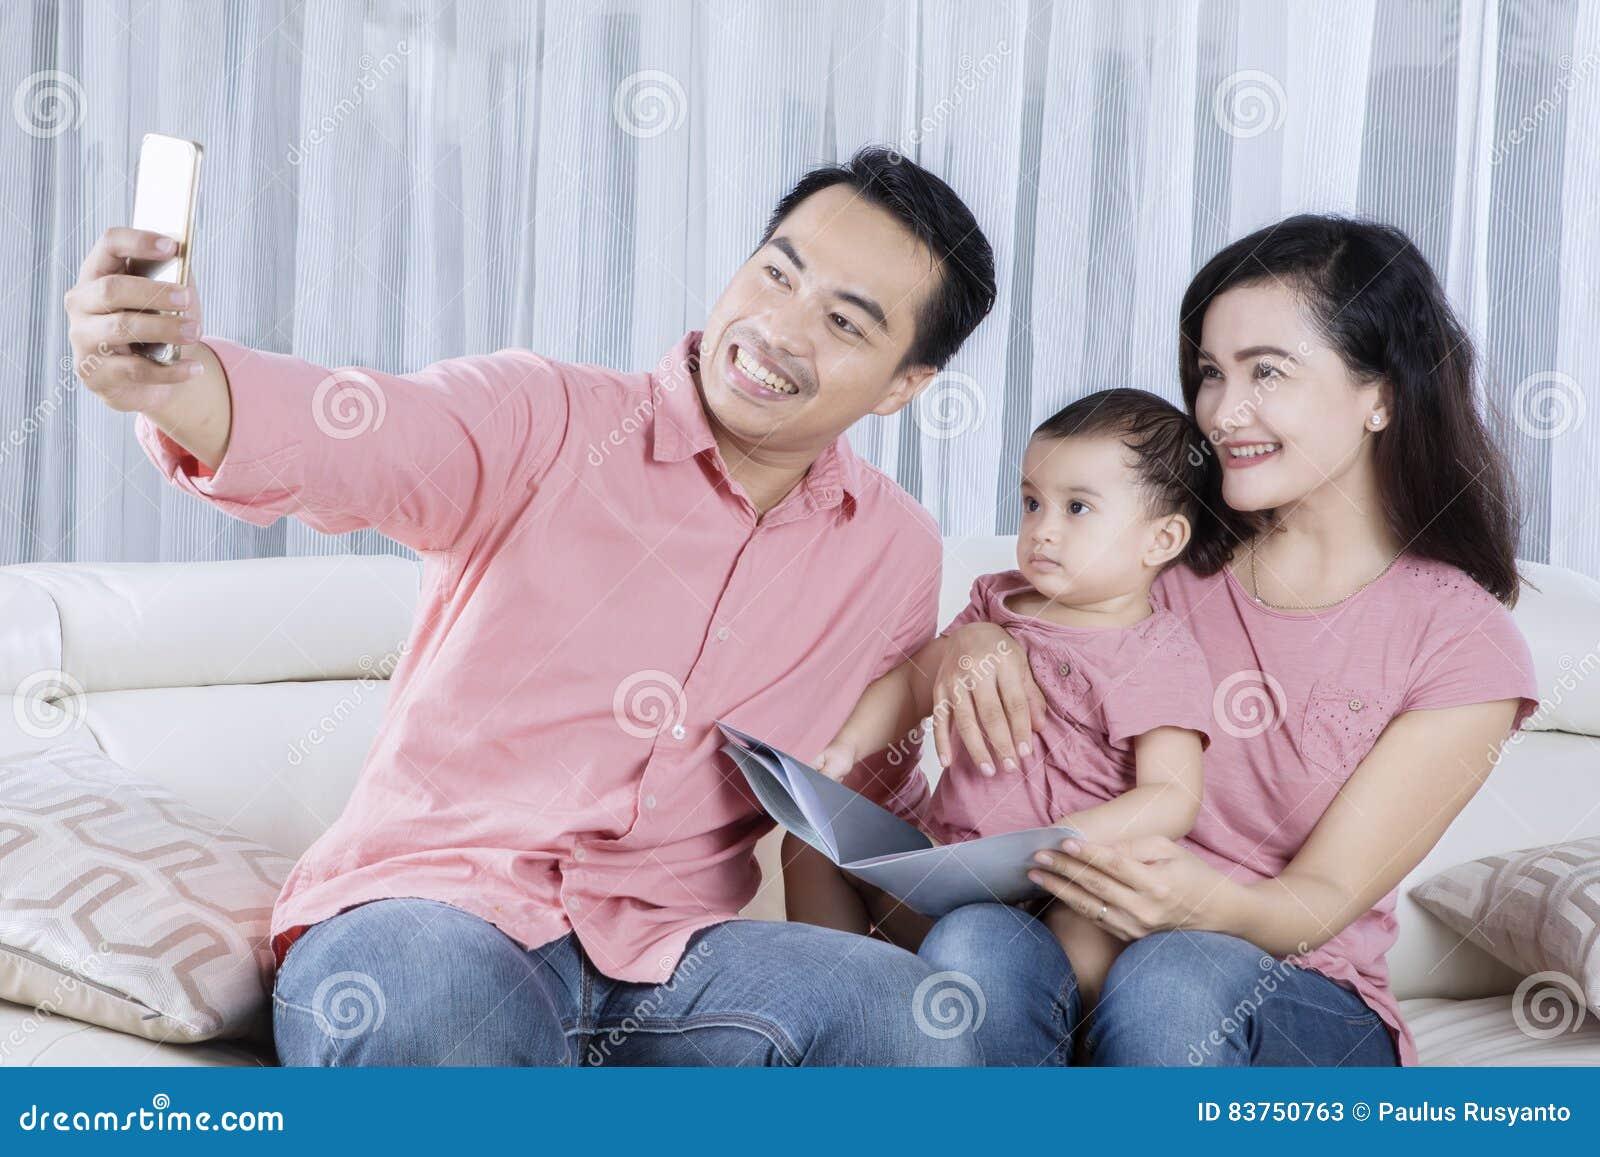 在家拍selfie照片的亚洲家庭